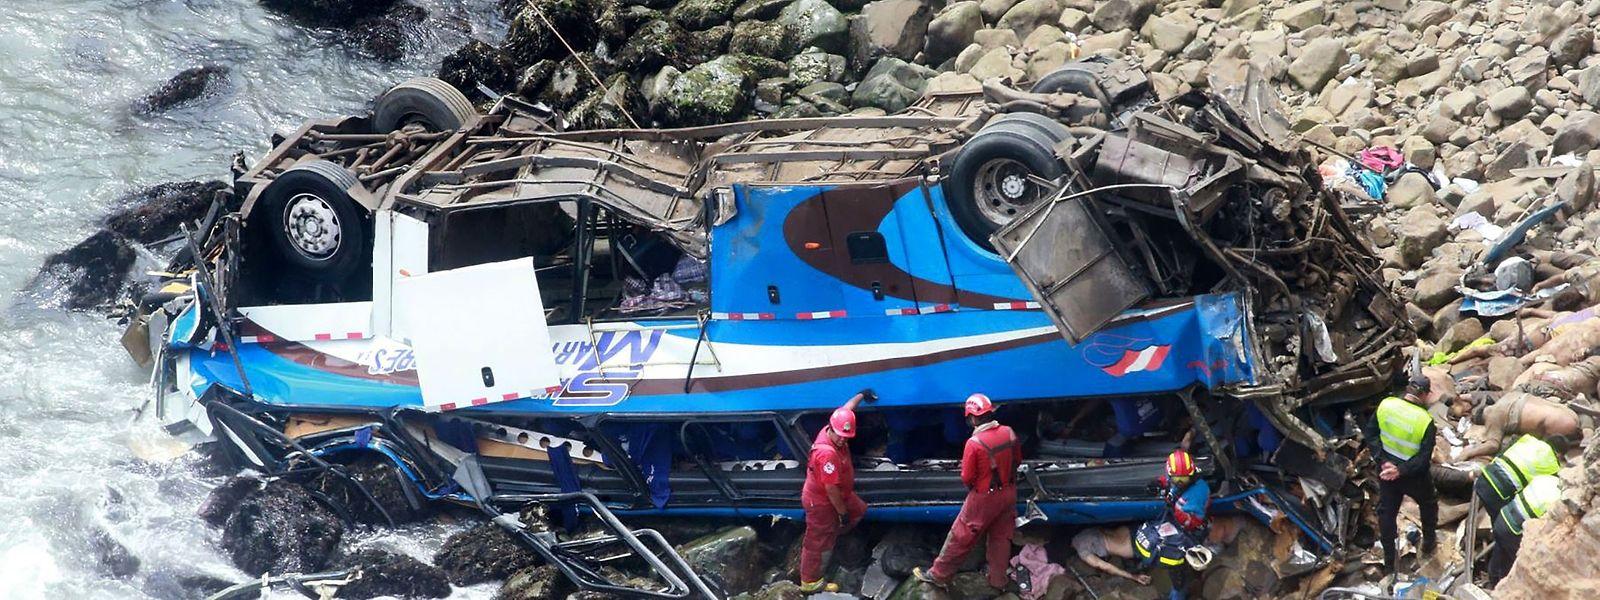 Der tödliche Unfall ereignete sich unweit der Hauptstadt Lima, entlang der Pazifikküste.